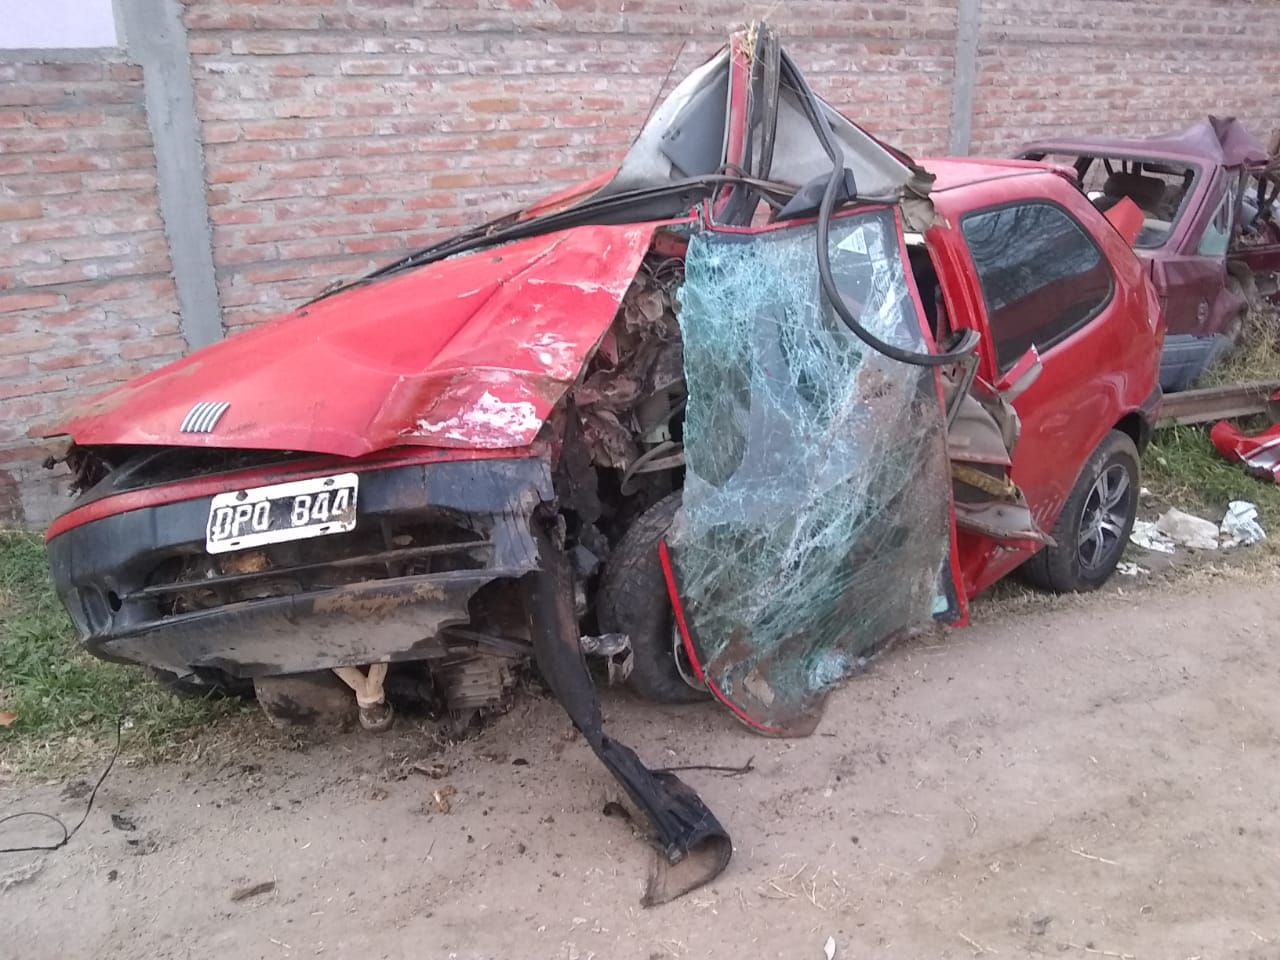 Dos jóvenes fallecieron tras un fatal accidente en Caleufú